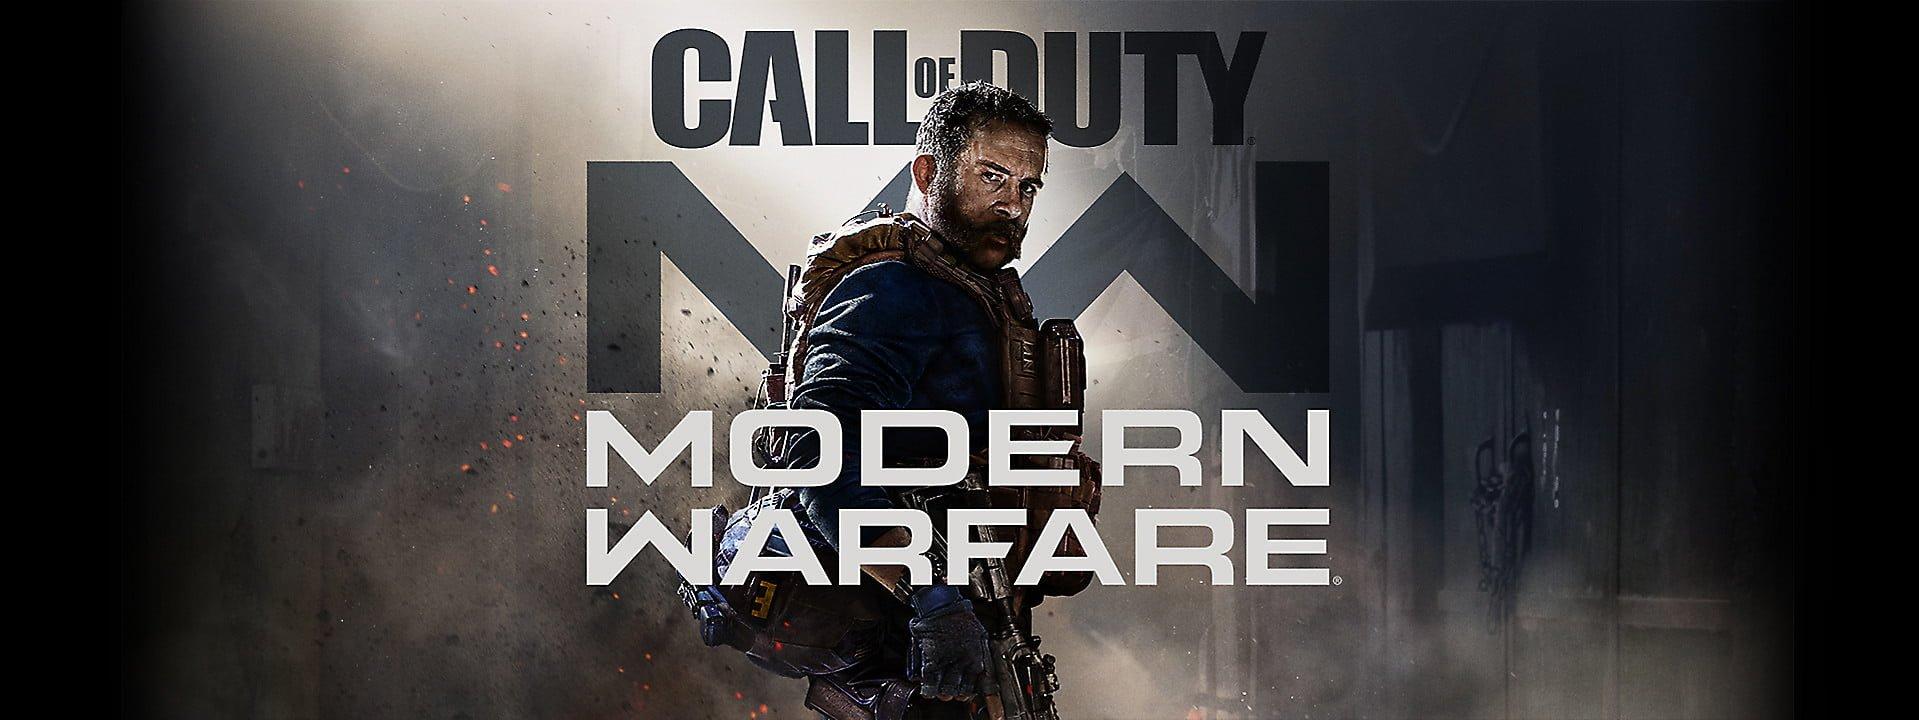 Call of Duty: Modern Warfare - tak powinno się robić FPS-y! (recenzja) 21